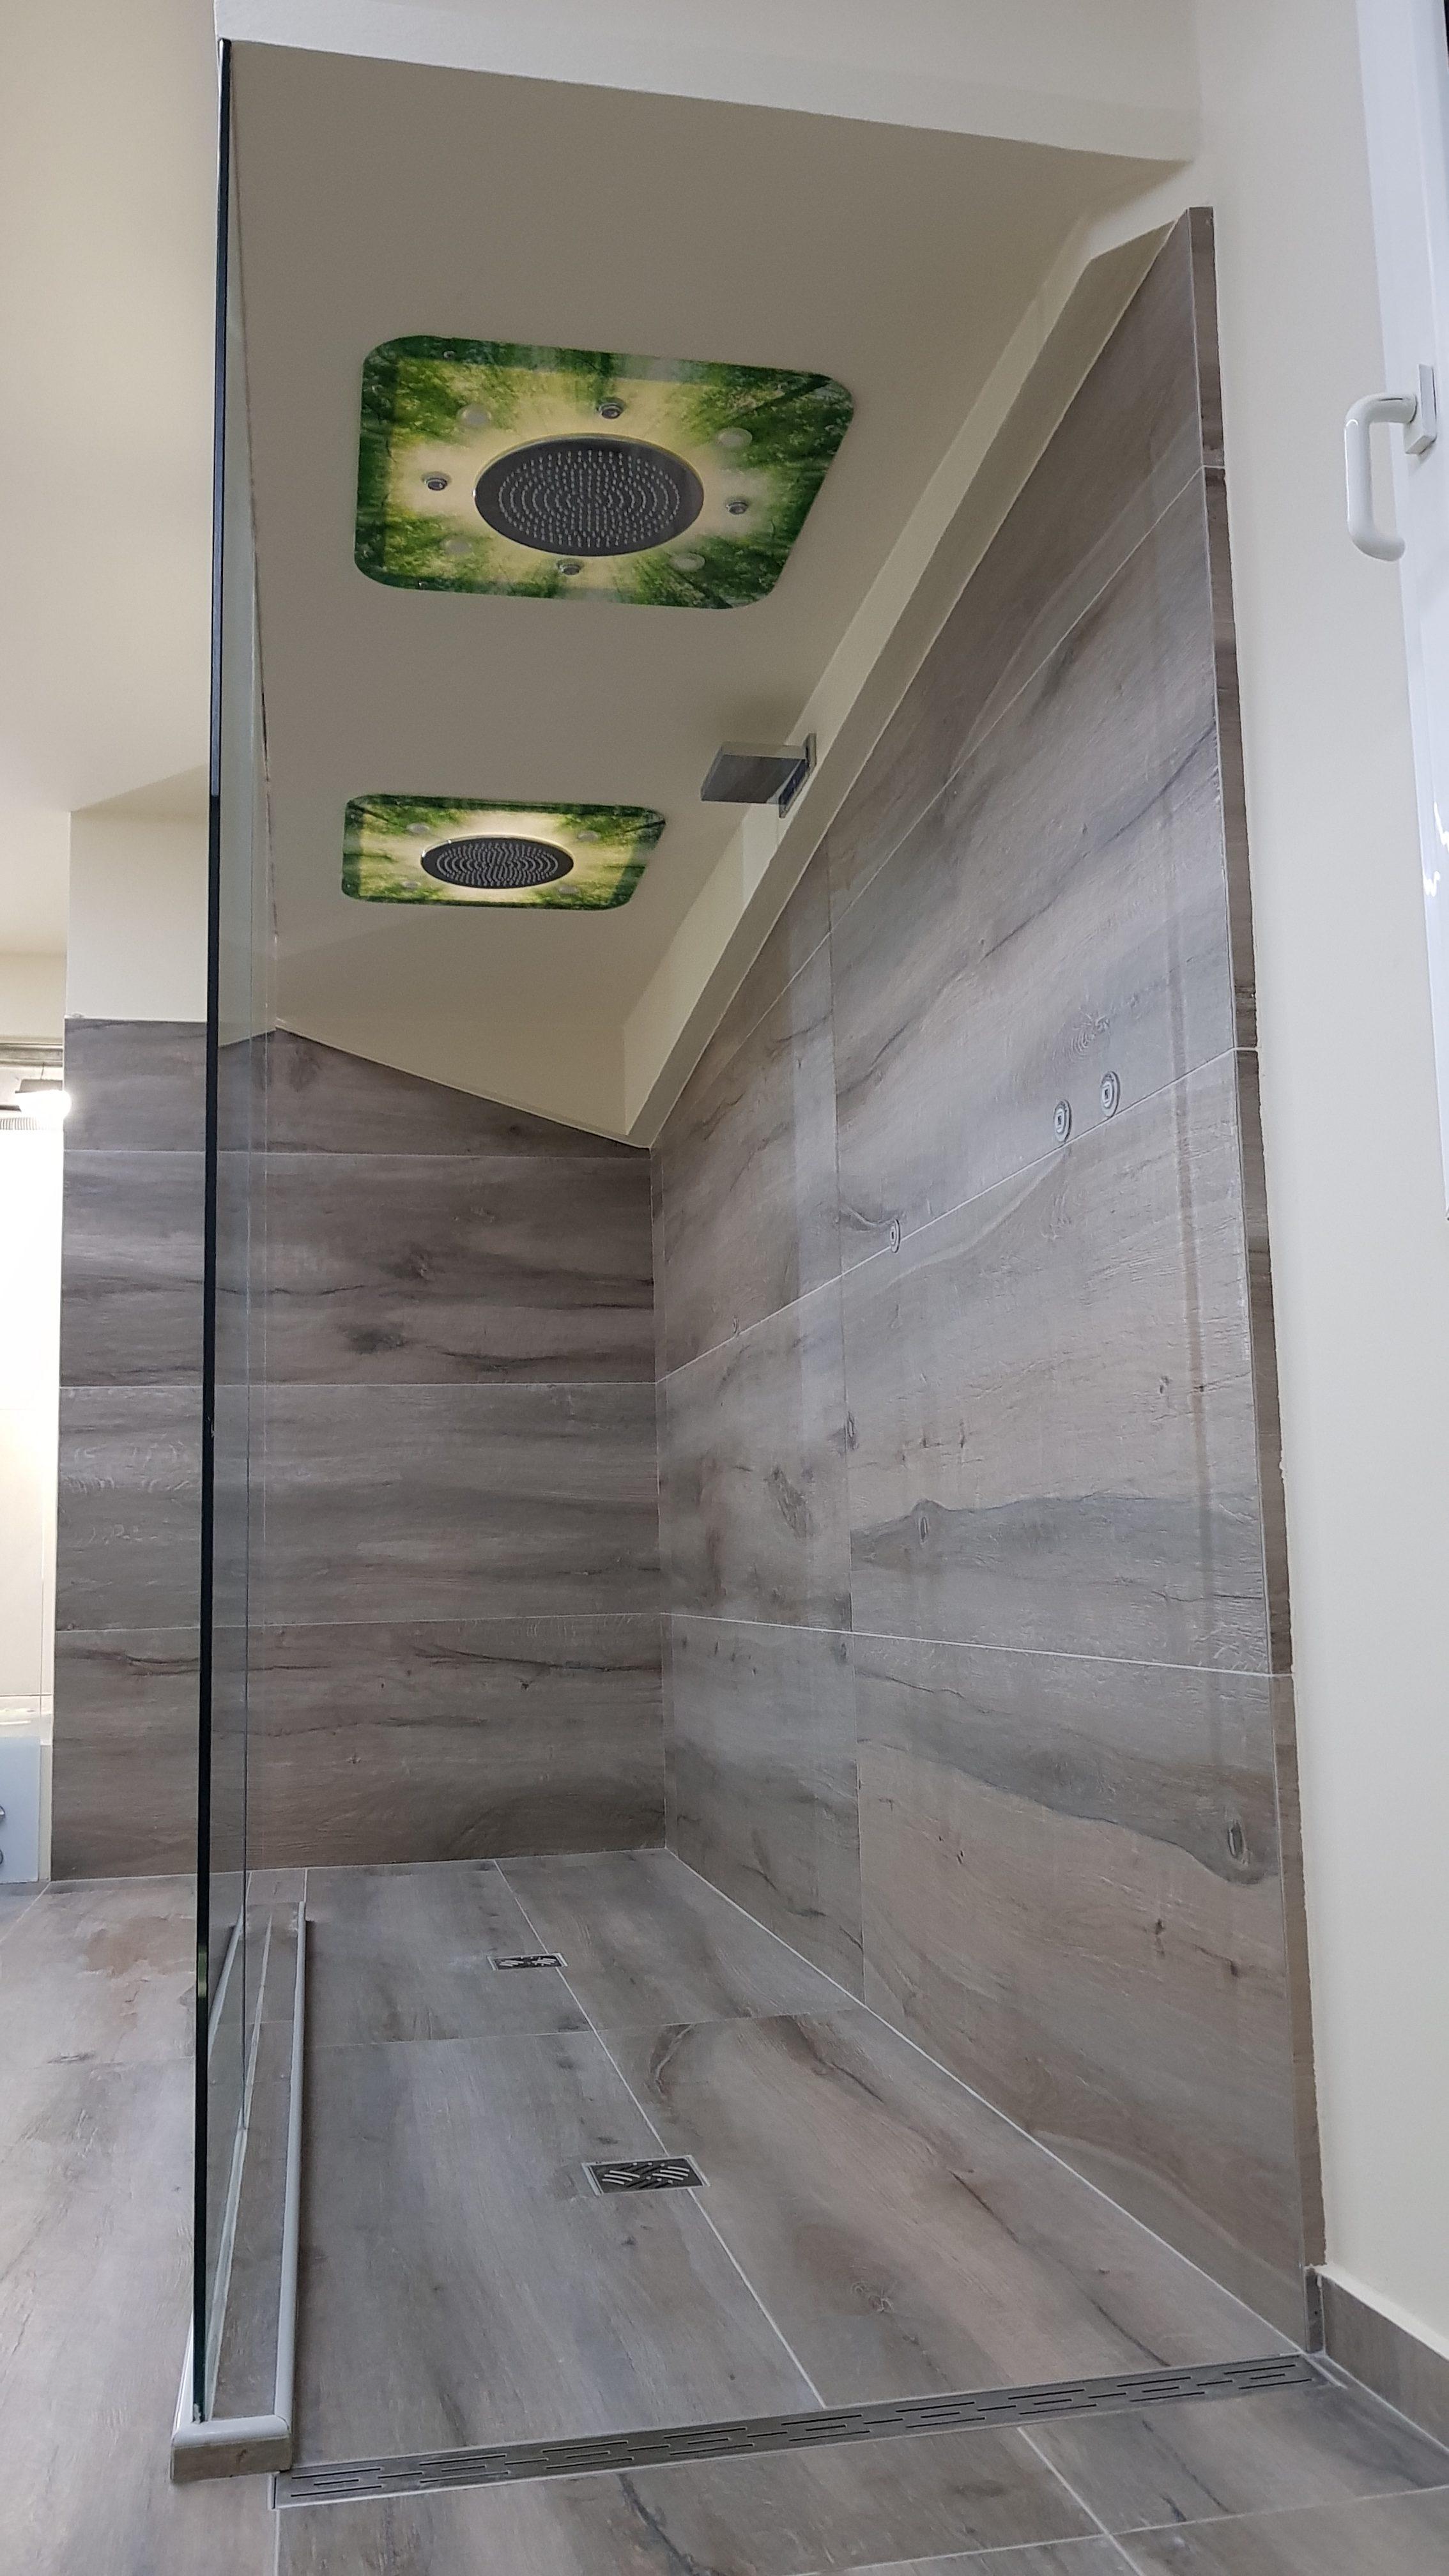 Hotel Fiera Percorso di docce emozionali